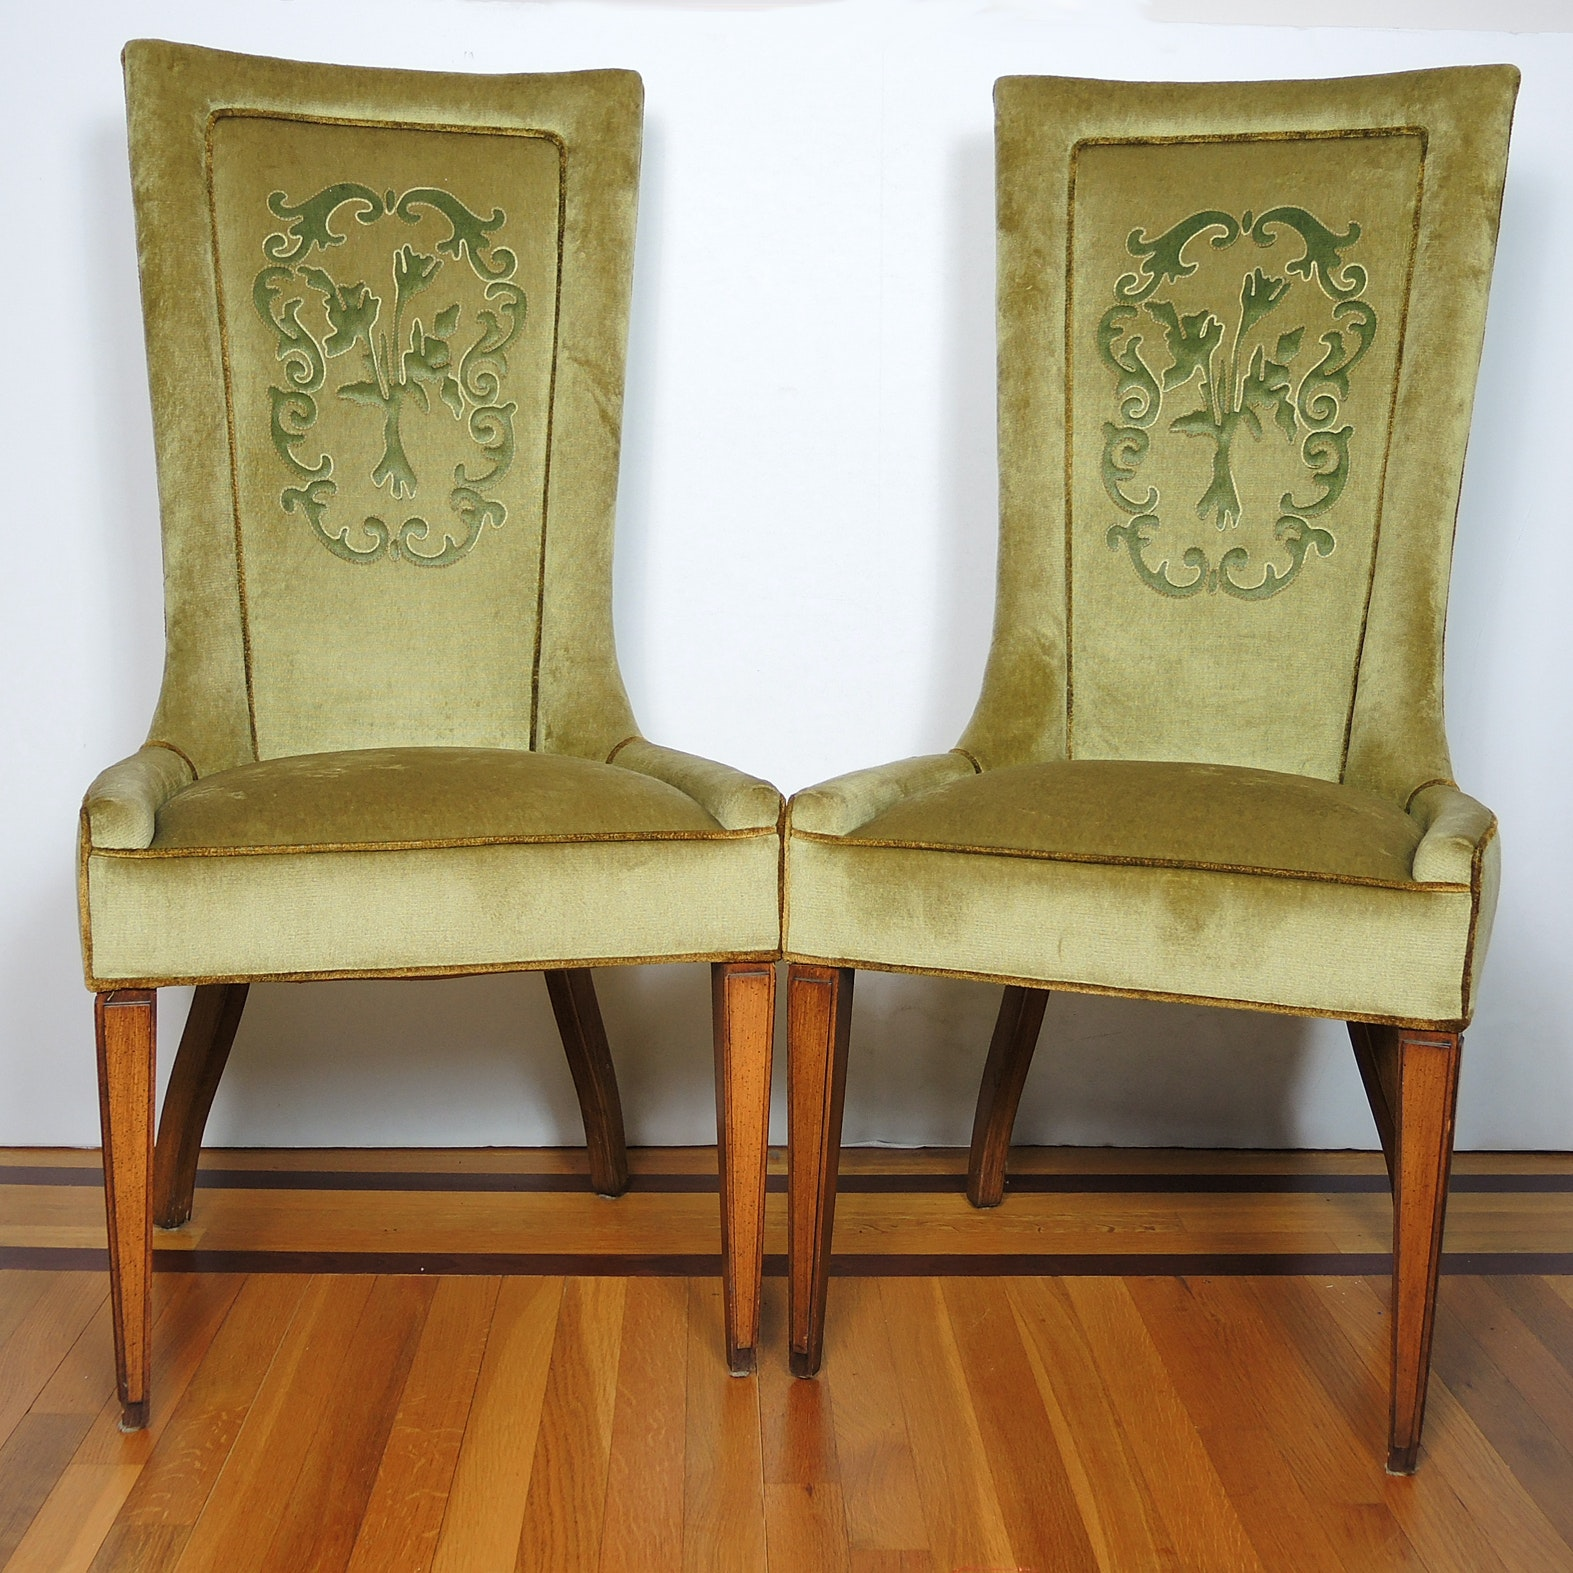 Pair of Velvet High-back Chairs